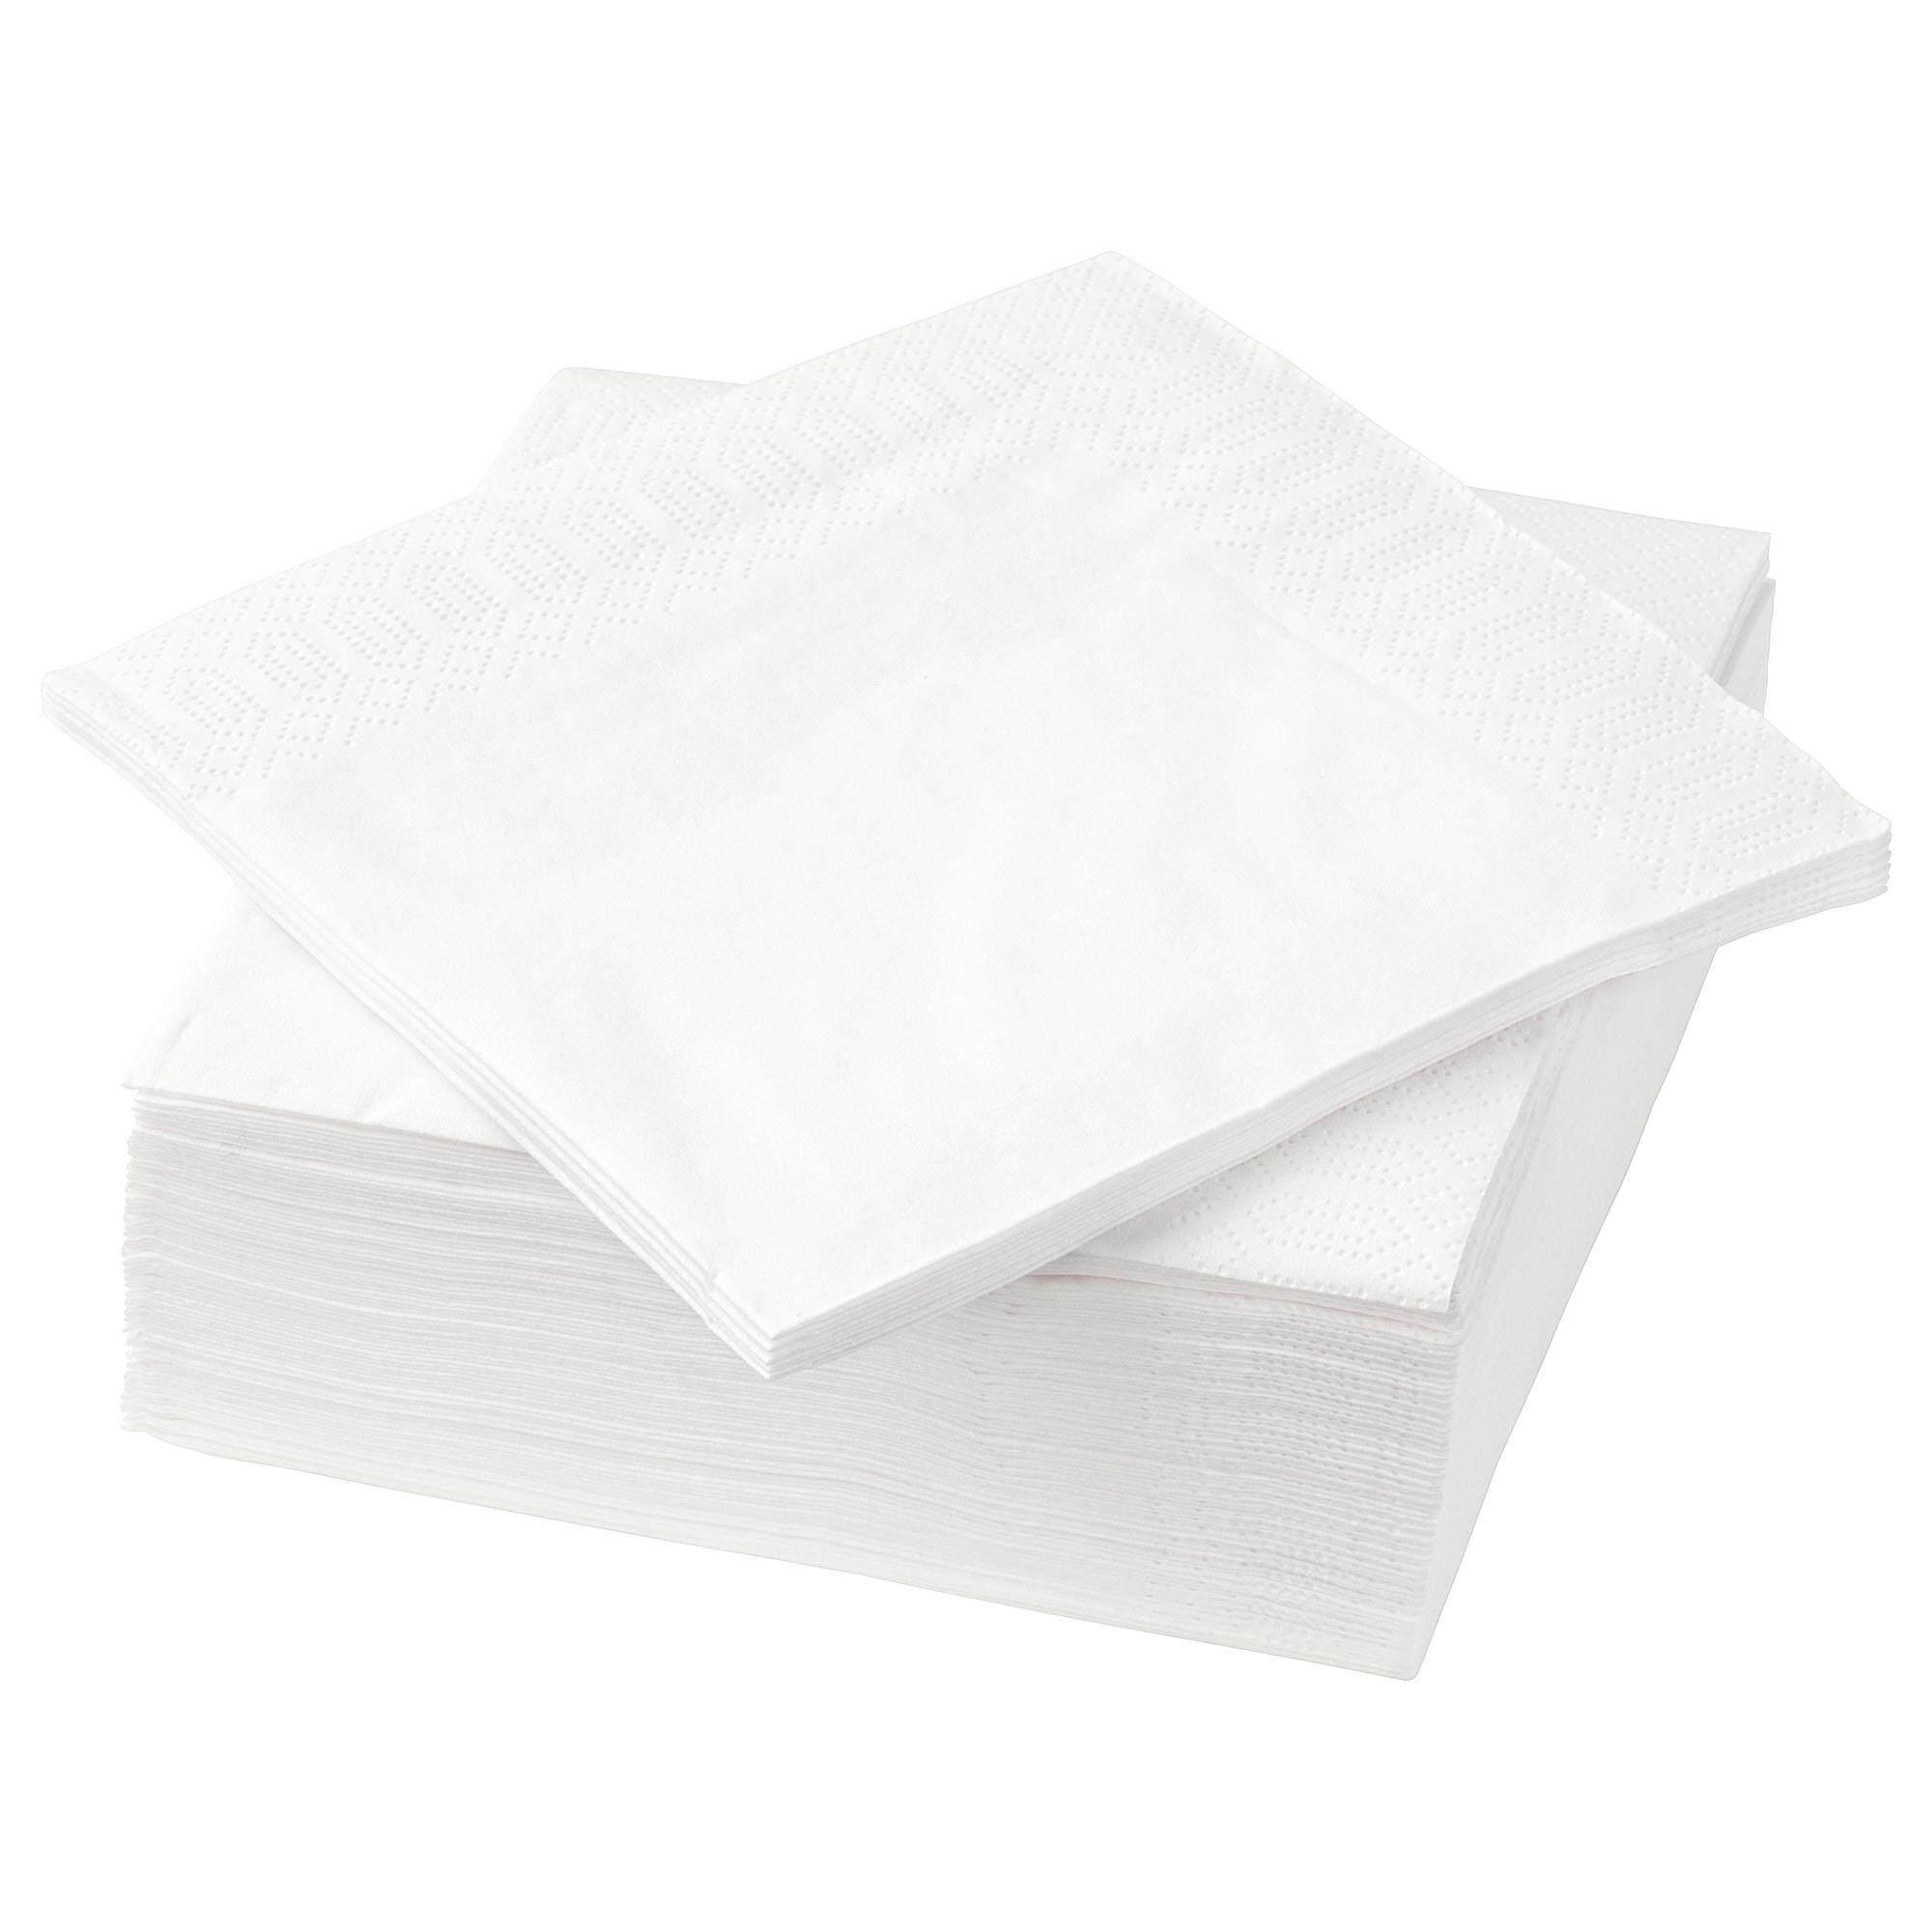 ราคาพิเศษ Fantastisk ฟันทัสติสค์ กระดาษเช็ดปาก ขาว กระดาษเช็ดปากหนา 3 ชั้น By Spa Land.